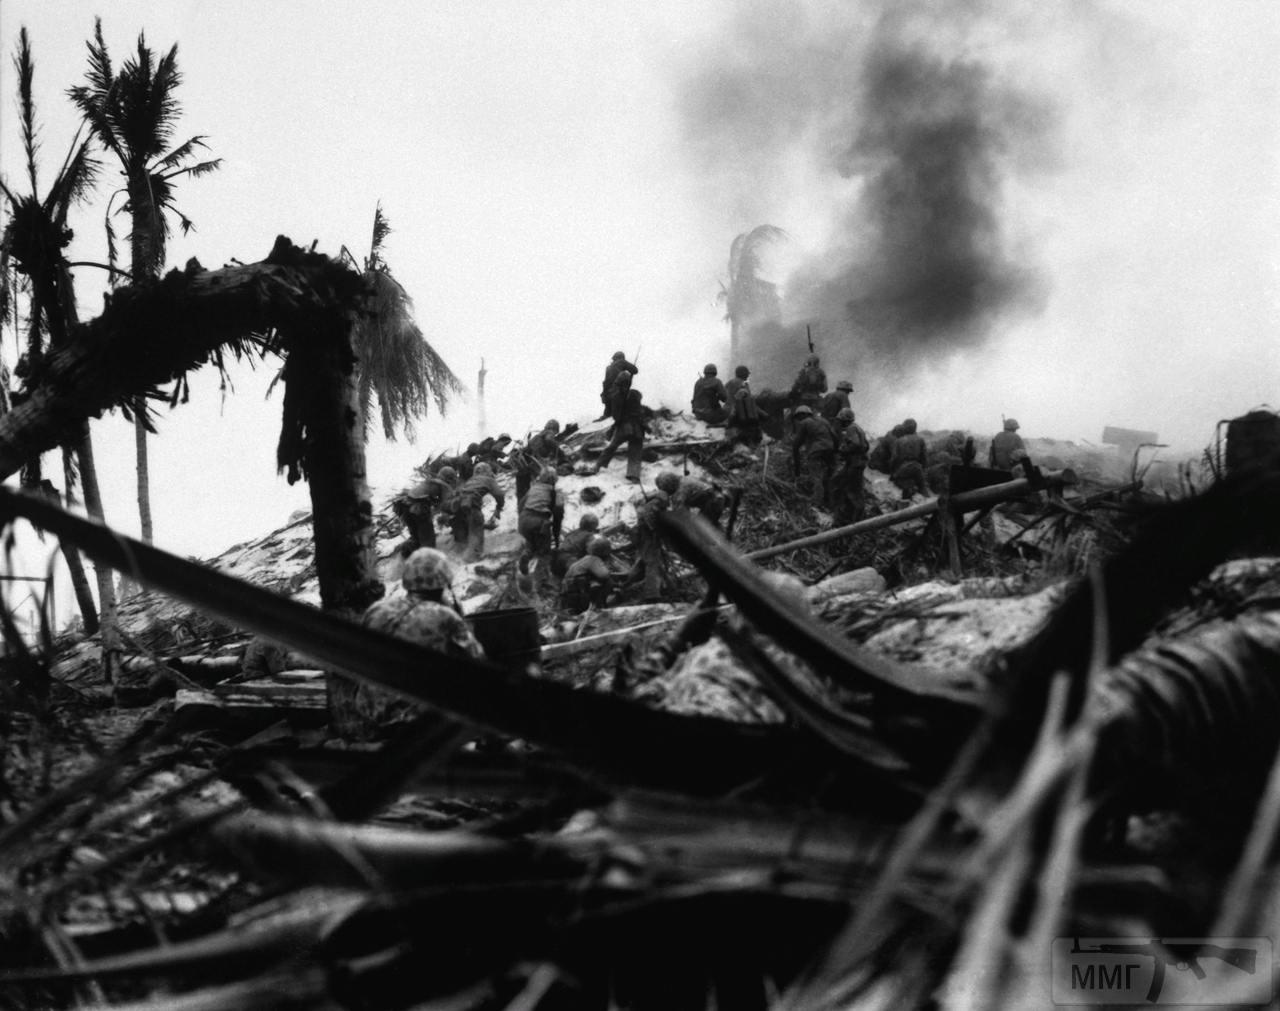 73282 - Военное фото 1941-1945 г.г. Тихий океан.